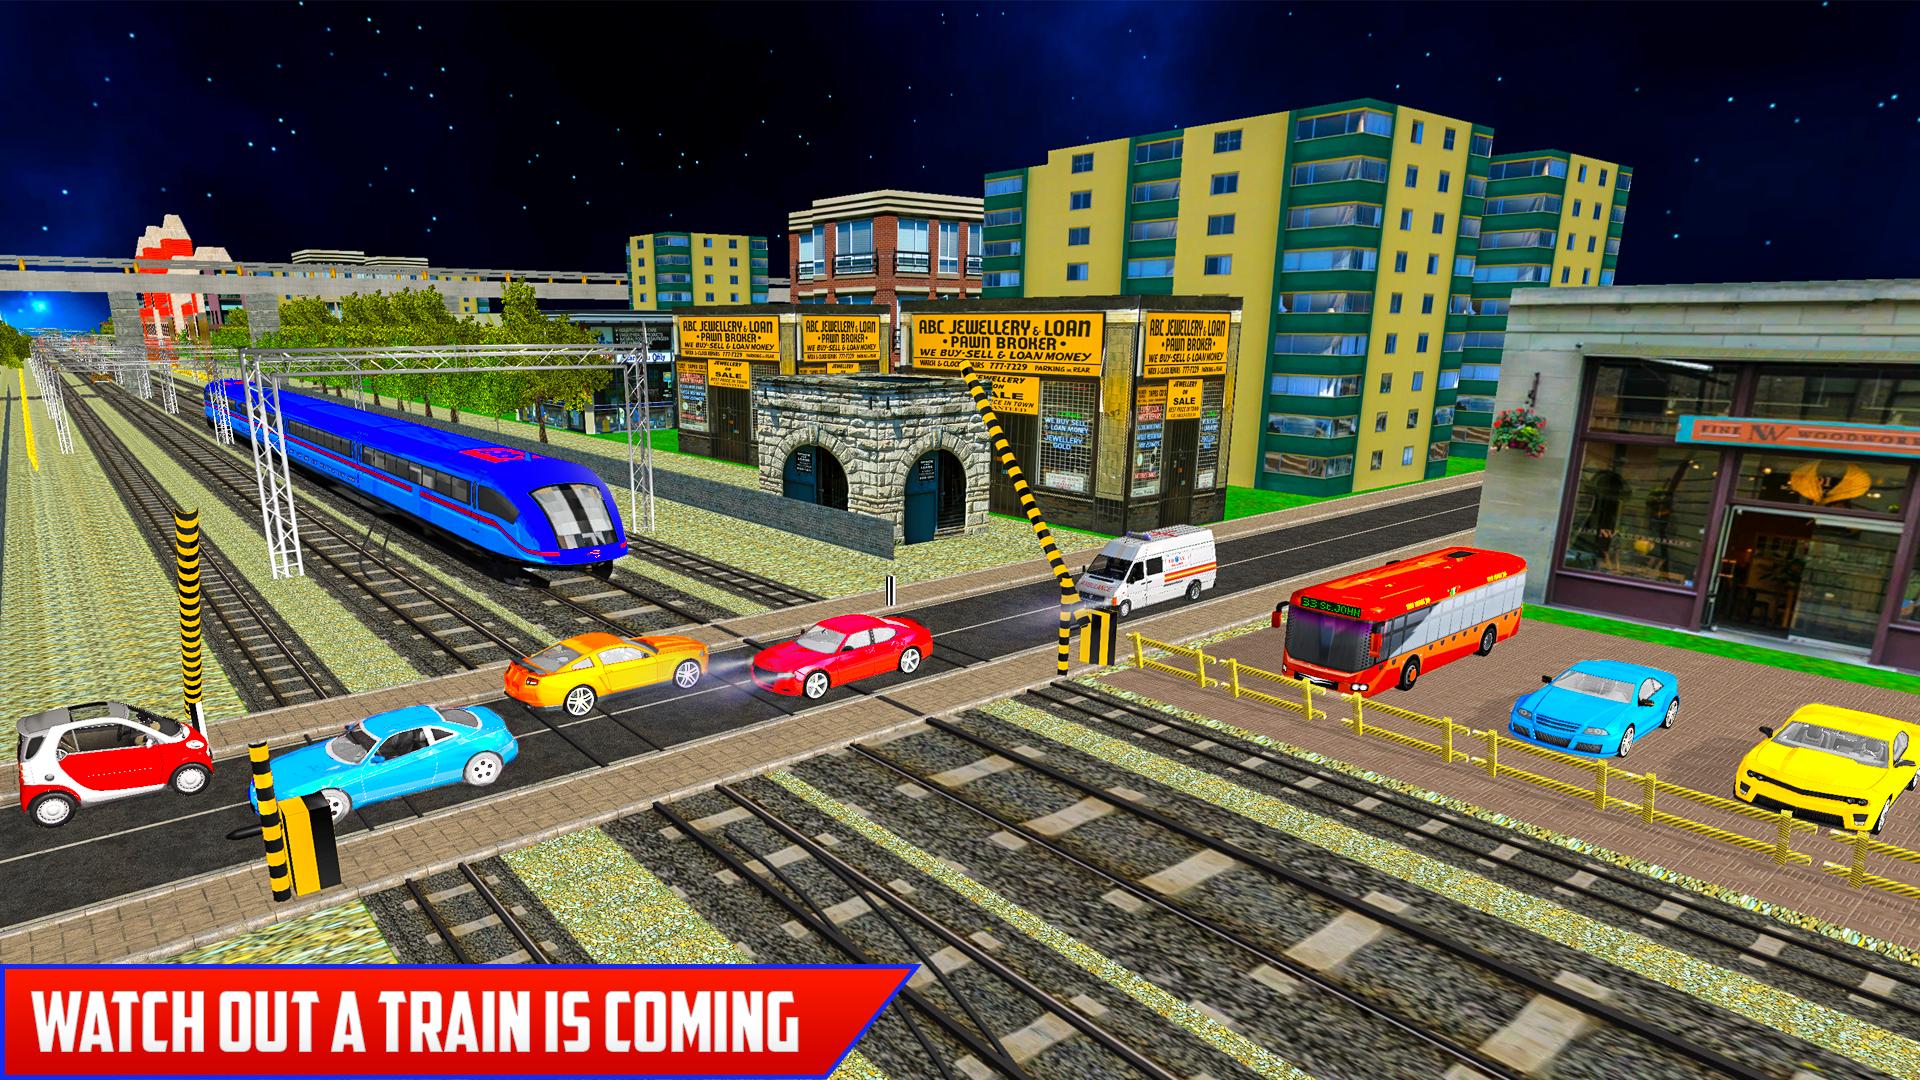 Travesía de ferrocarril Juego - Libre de Train Simulator: Amazon.es: Appstore para Android